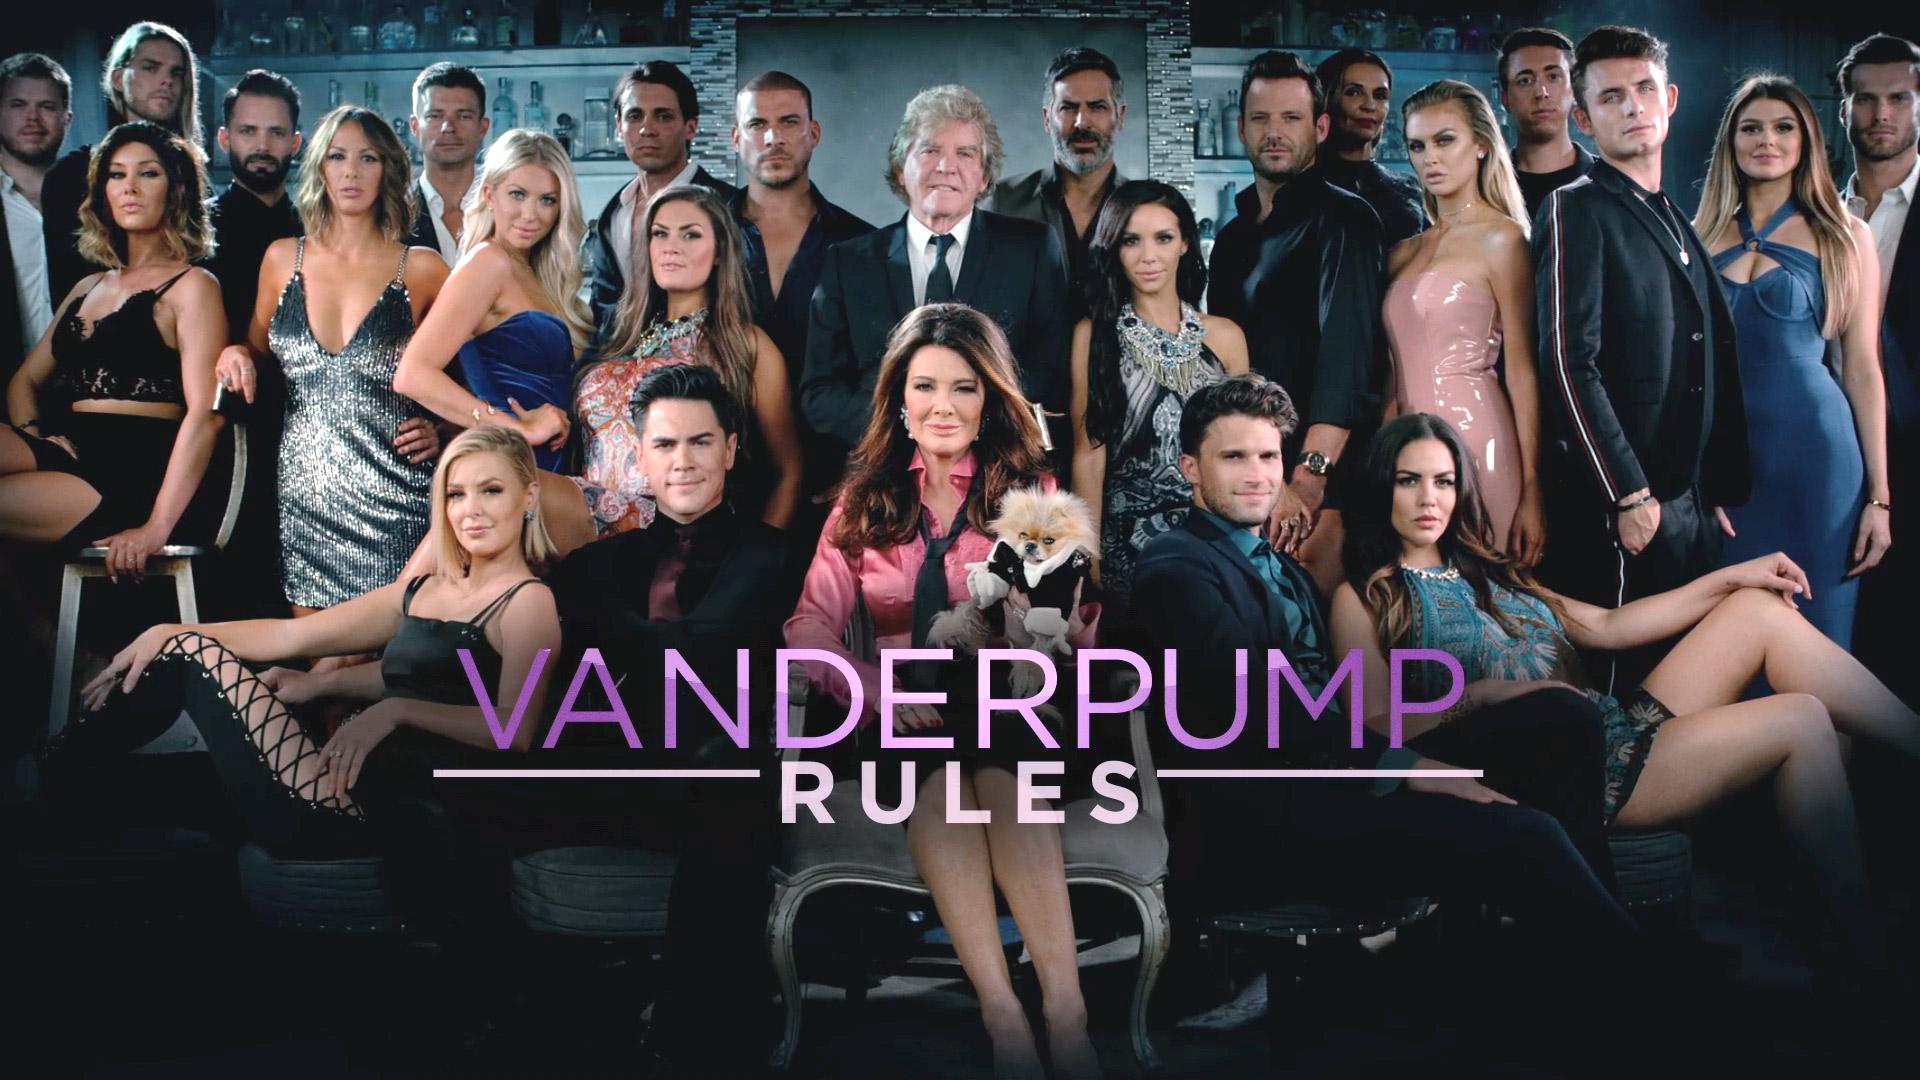 bravo's vanderpump rules - Casting Editor on Season 4 and Season 5, 2015-2016